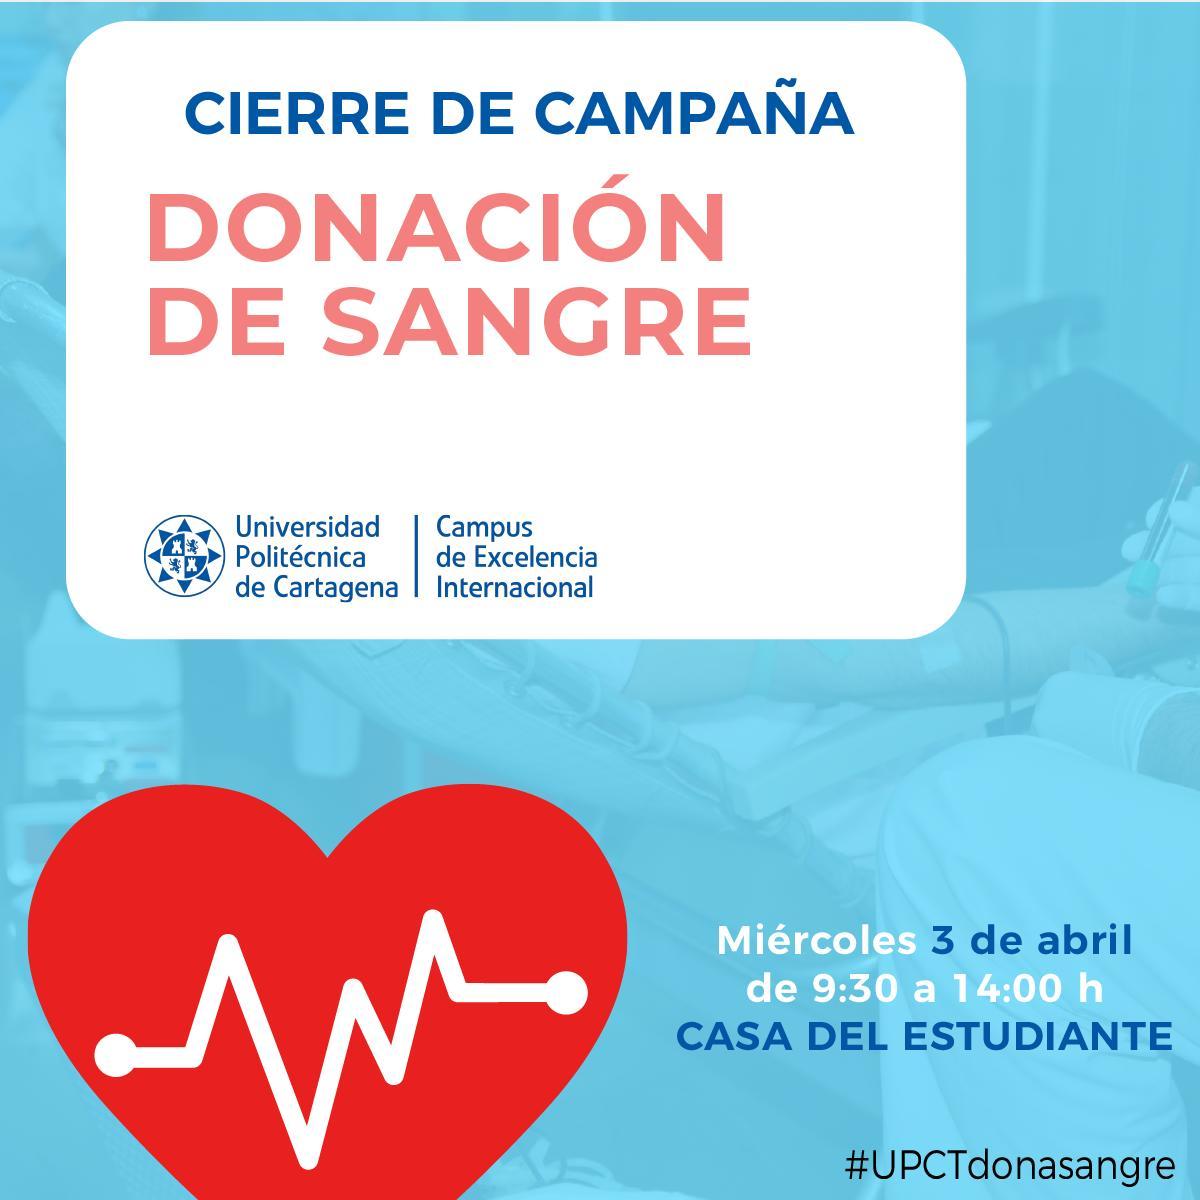 Cierre De Campaña Del Centro De Hemodonación En La Casa Del Estudiante